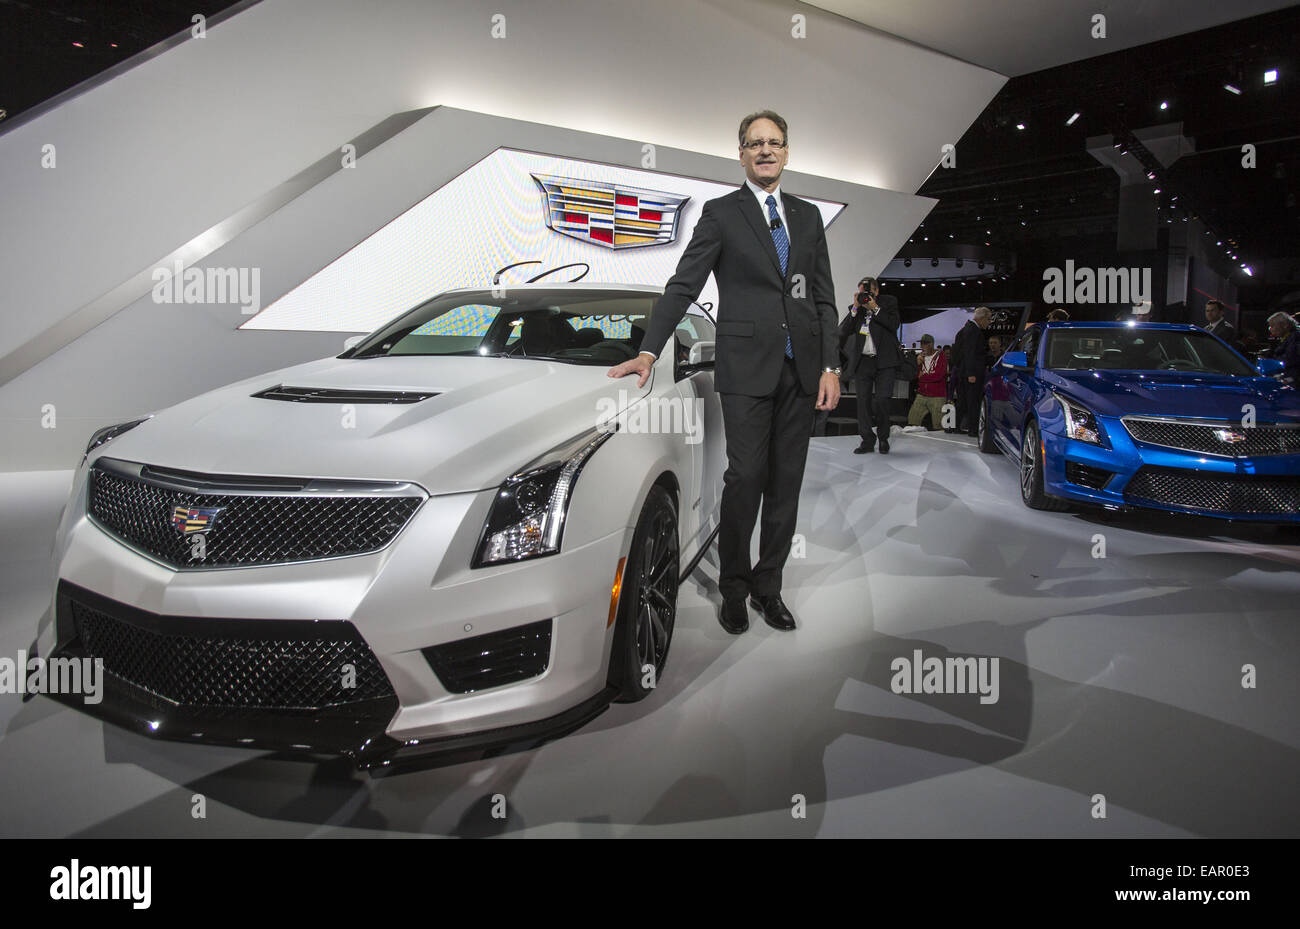 Nett Präsidenten Cadillac Zeitgenössisch - Elektrische Schaltplan ...